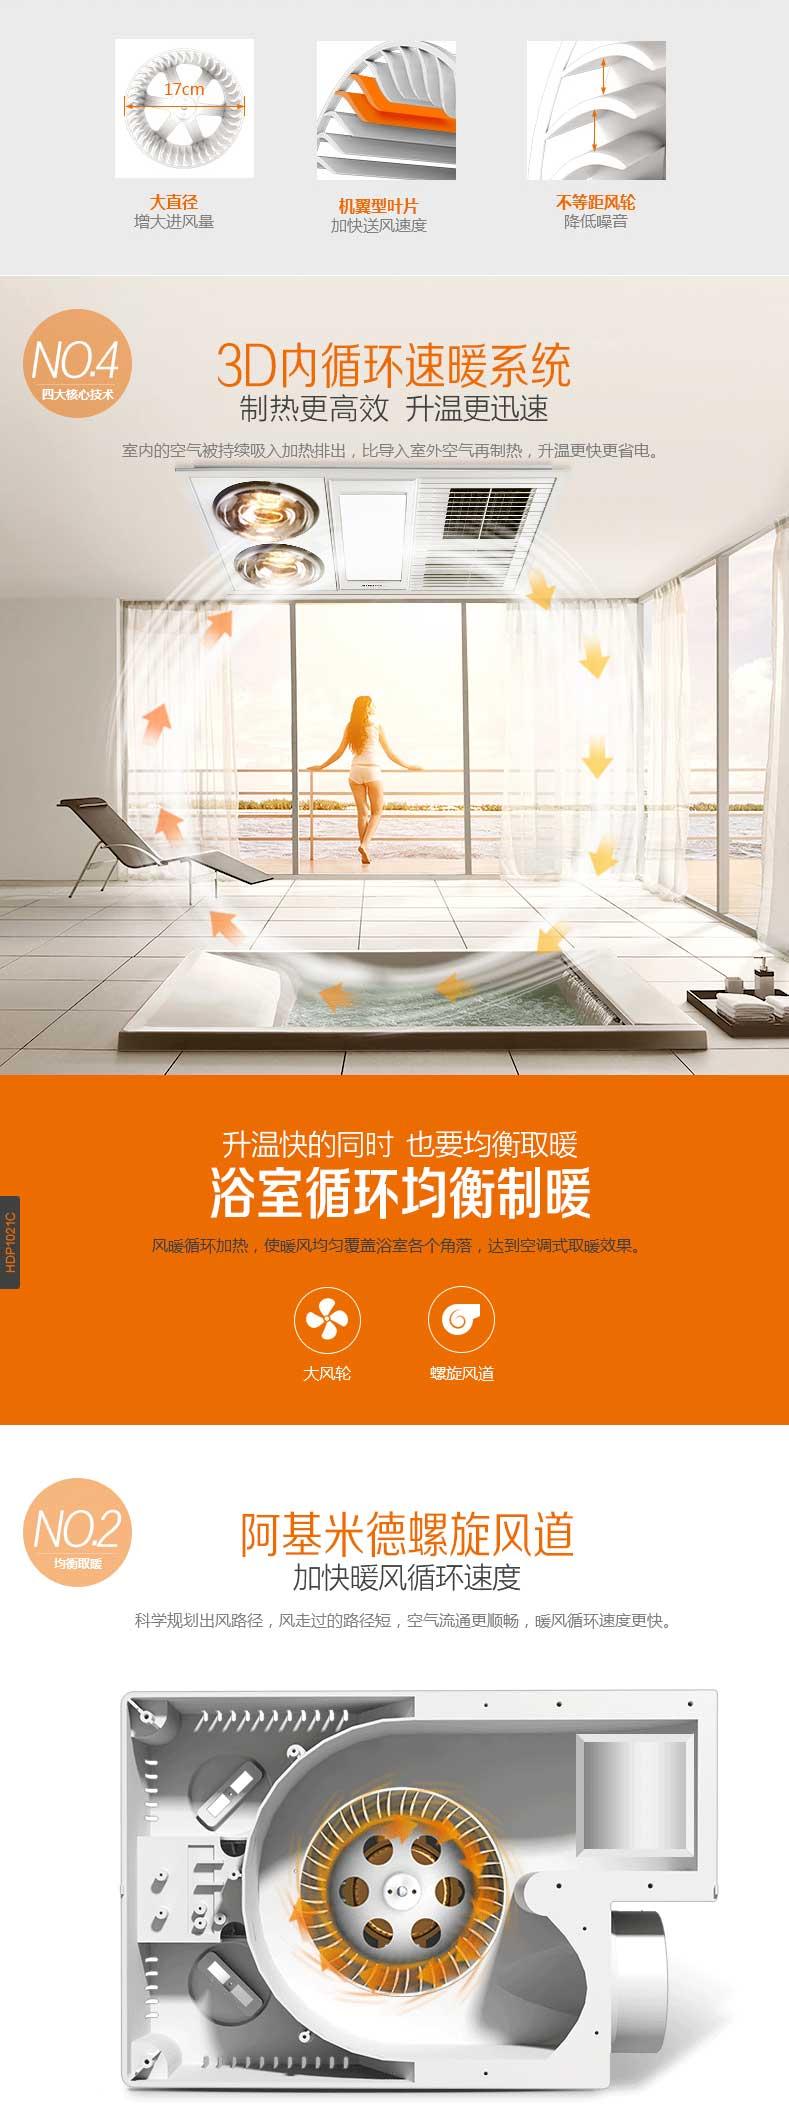 奥普浴霸-嵌入式多功能风暖集成吊顶1021C_03.jpg